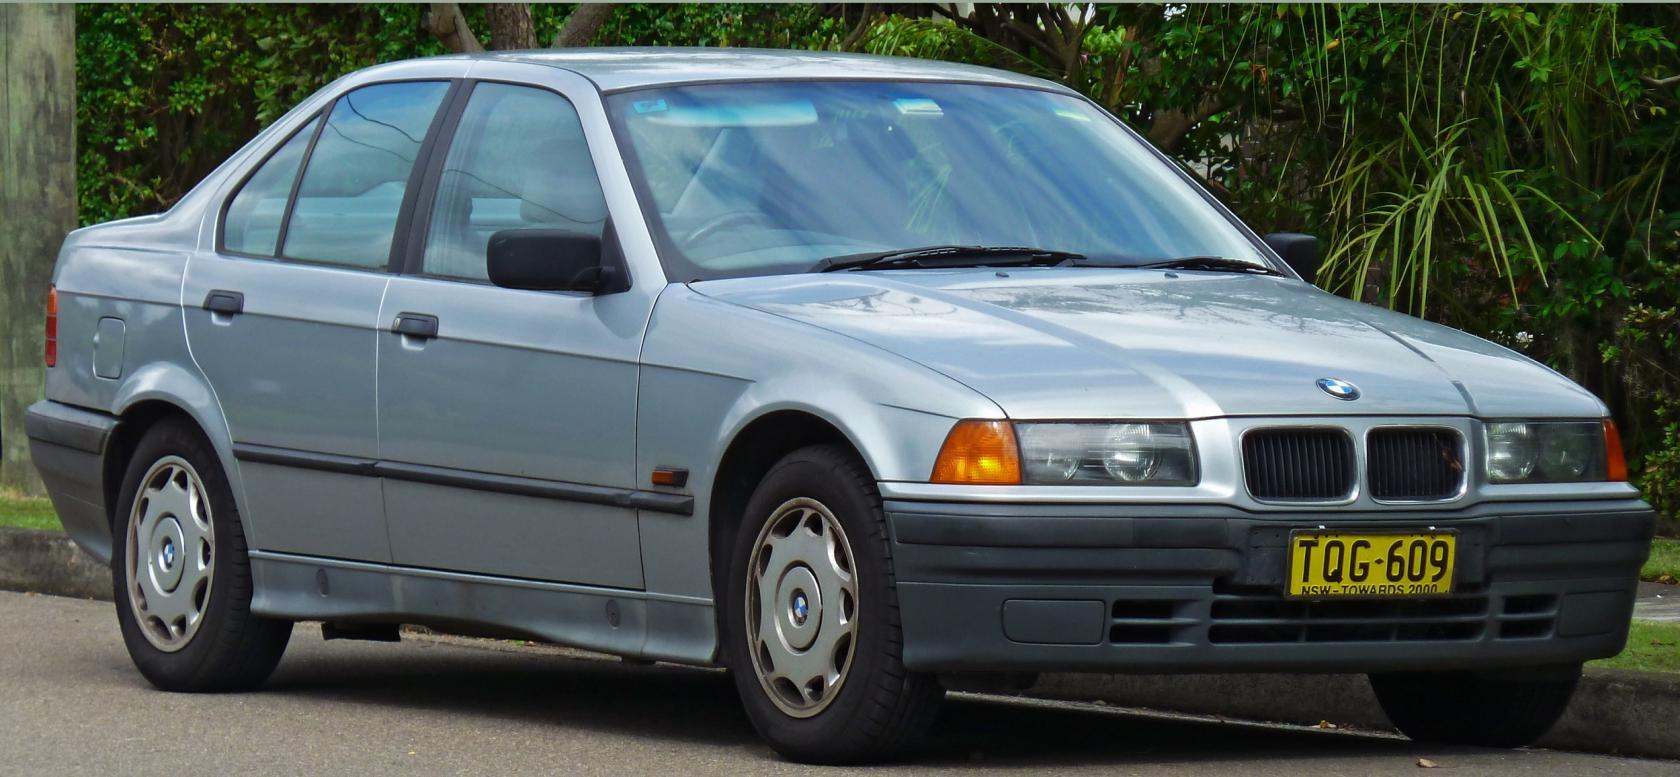 BMW-Serie-3-E36-5